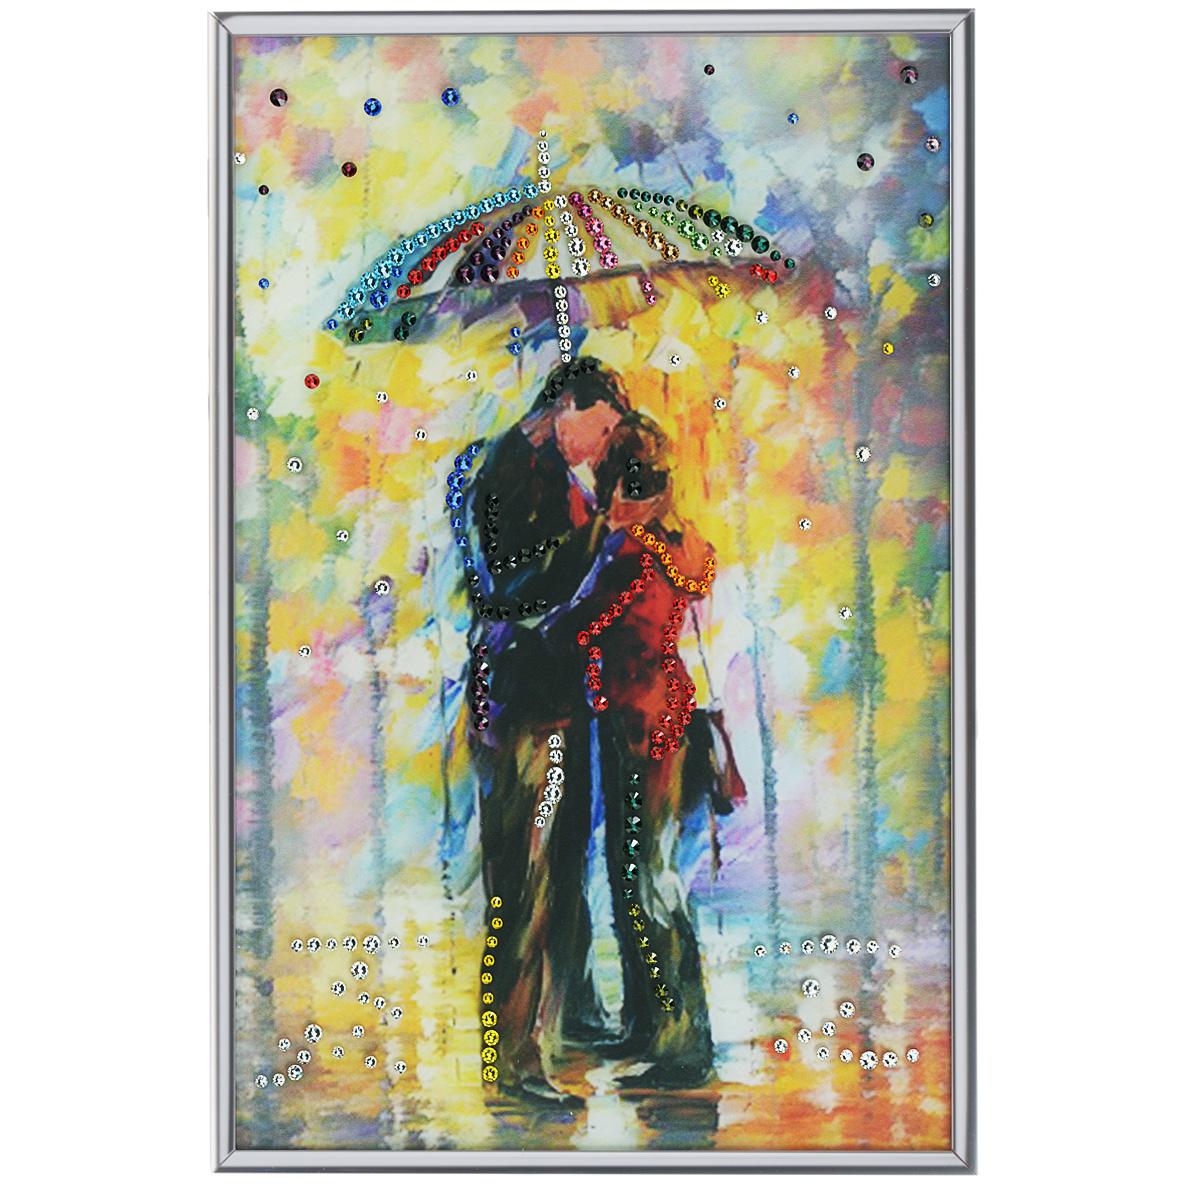 Картина с кристаллами Swarovski Под зонтом, 20 см х 30 см1243Изящная картина в алюминиевой раме Под зонтом инкрустирована кристаллами Swarovski, которые отличаются четкой и ровной огранкой, ярким блеском и чистотой цвета. Идеально подобранная палитра кристаллов прекрасно дополняет картину. С задней стороны изделие оснащено специальной металлической петелькой для размещения на стене. Картина с кристаллами Swarovski элегантно украсит интерьер дома, а также станет прекрасным подарком, который обязательно понравится получателю. Блеск кристаллов в интерьере - что может быть сказочнее и удивительнее. Изделие упаковано в подарочную картонную коробку синего цвета и комплектуется сертификатом соответствия Swarovski.